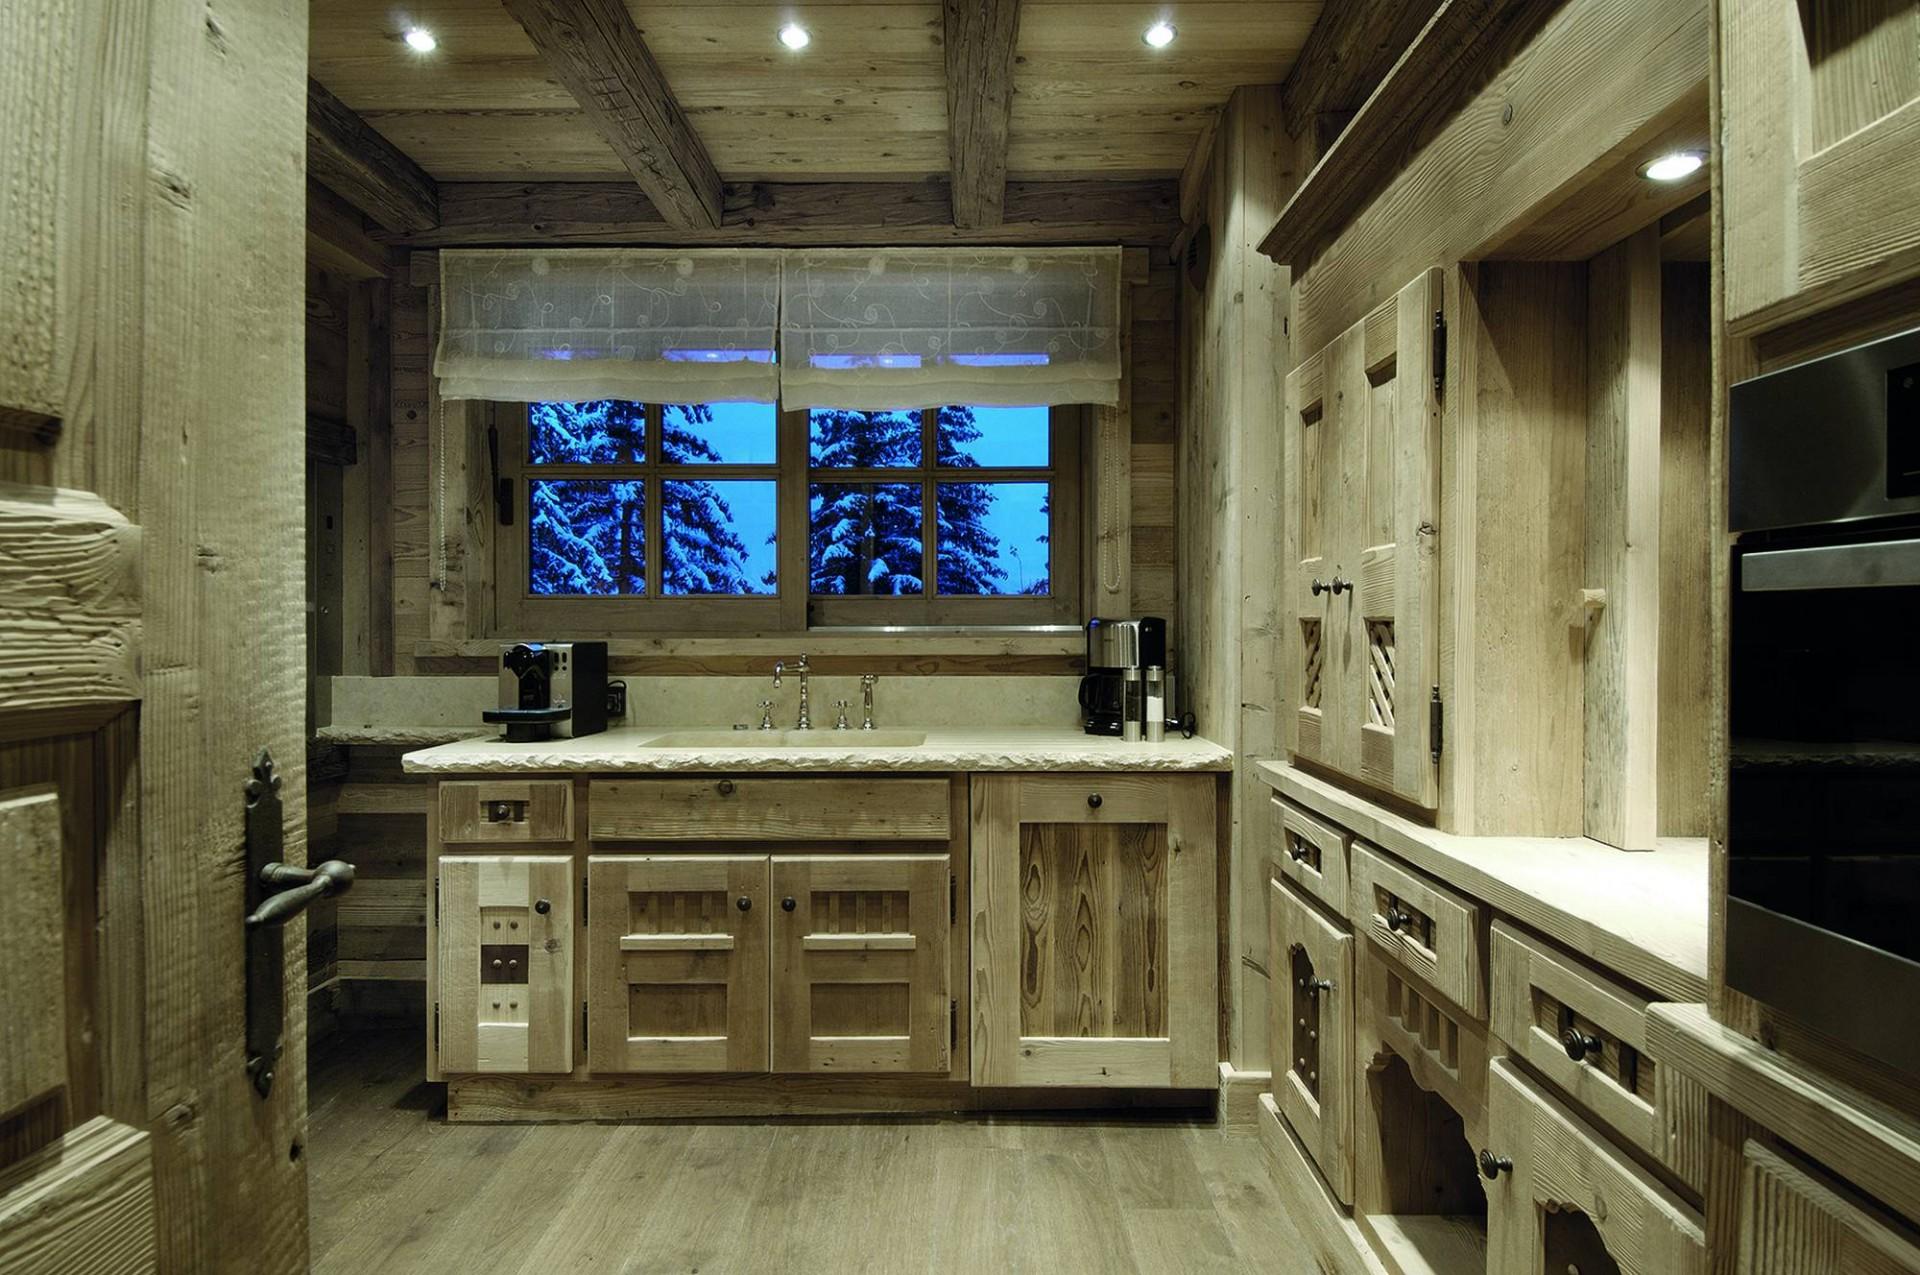 Courchevel 1850 Luxury Rental Chalet Bepalite Kitchen